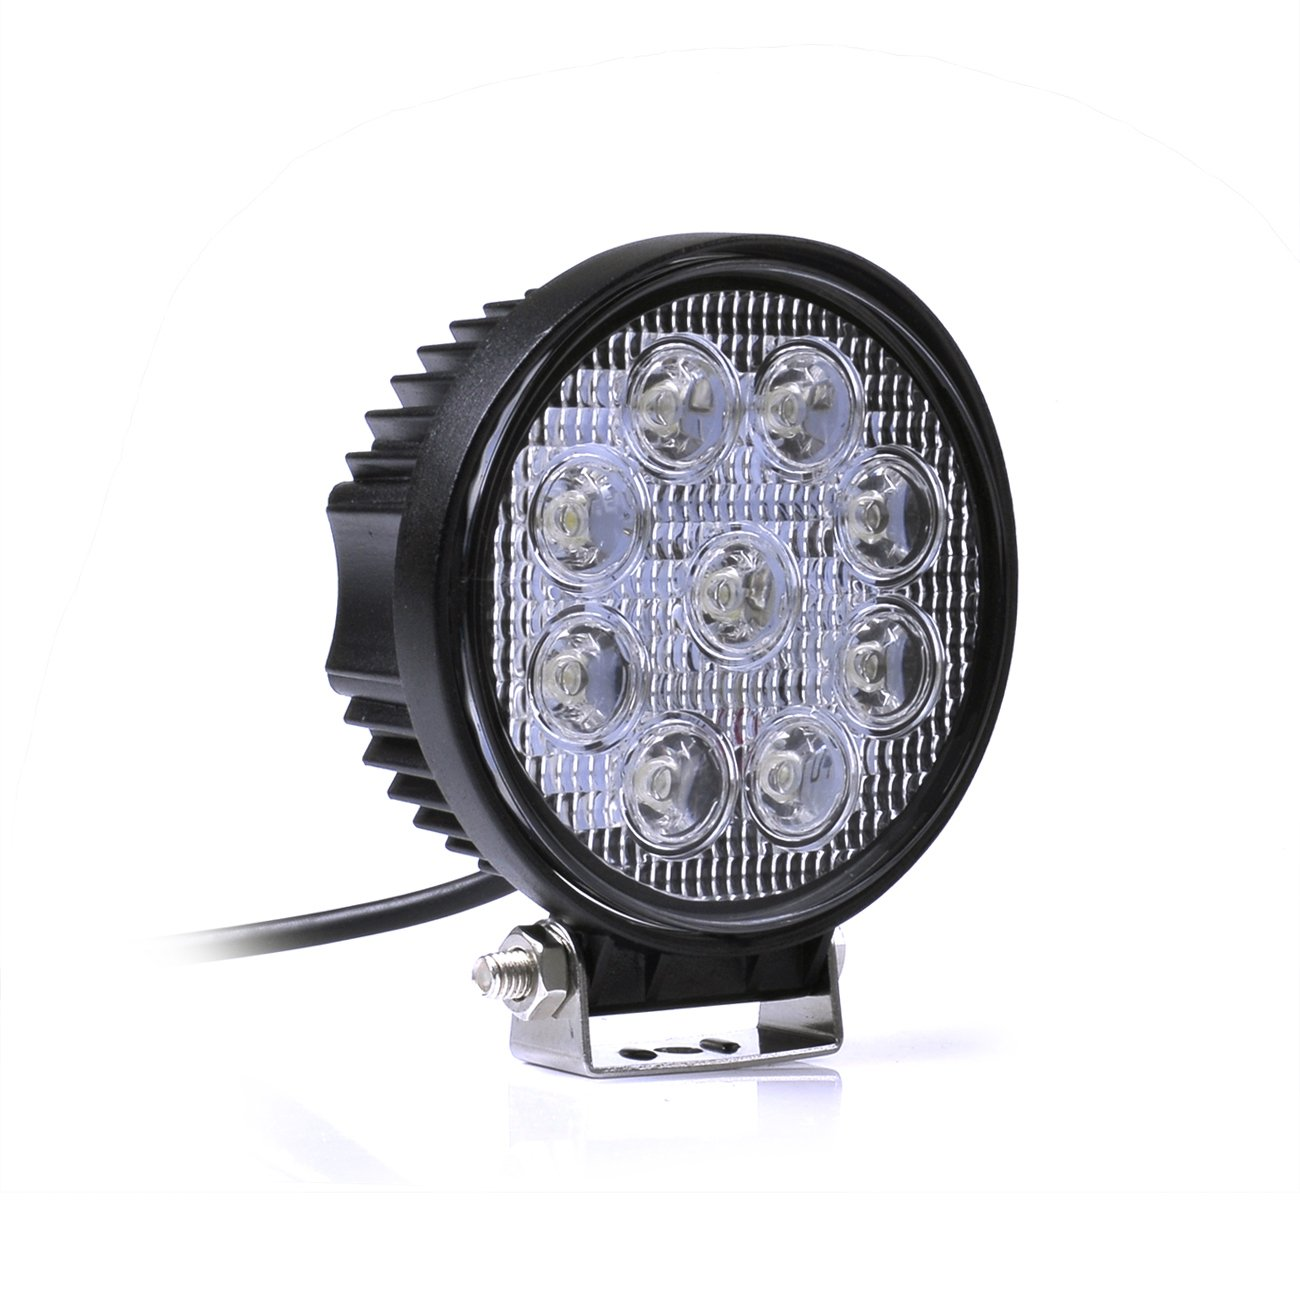 Leetop 4X 48 W 16 LEDs Offroad lampada LED faro da lavoro luce di inondazione Riflettore Luce del lavoro SUV, UTV, atv LED Floodlight 12 - 24V NFW48W